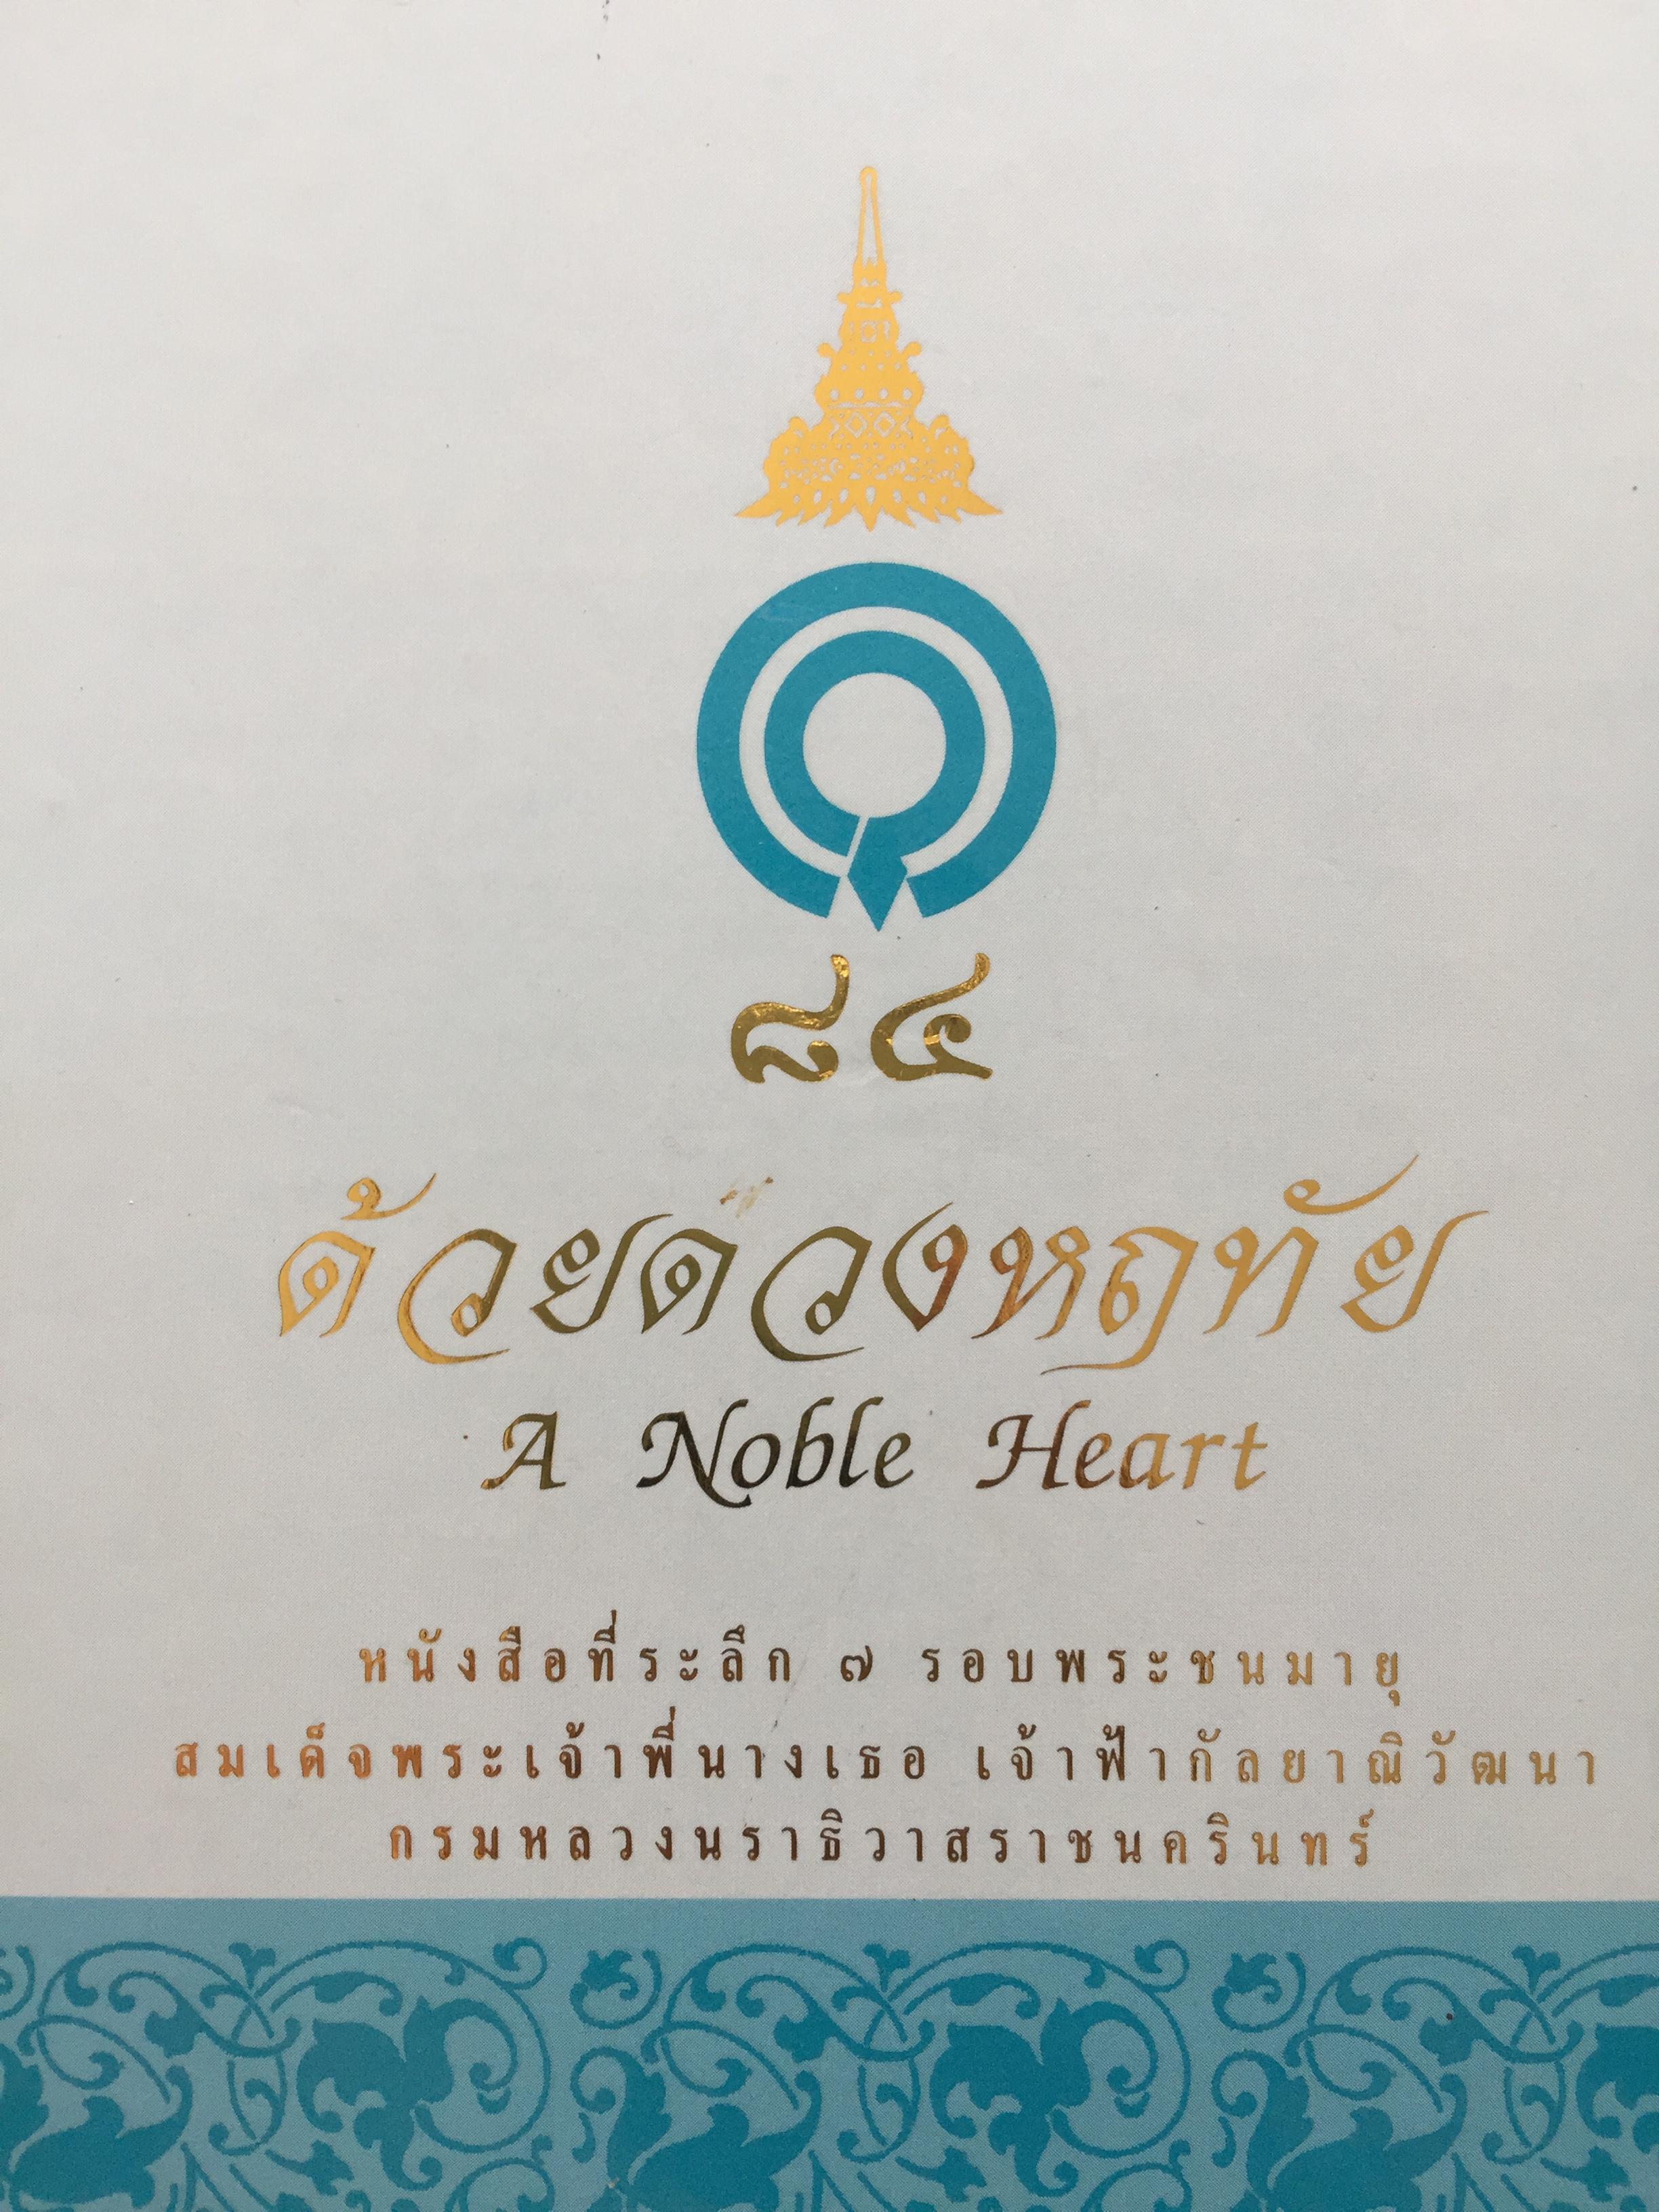 84 ด้วยดวงหฤทัย A Noble Heart. หนังสือที่ระลึก 7 รอบพระชนมายุ สมเด็จพระเจ้าพี่นางเธอ เจ้าฟ้ากัลยาณิวัฒนา กรมหลวงนราธิวาสราชนครินทร์ รวม 3 เล่ม